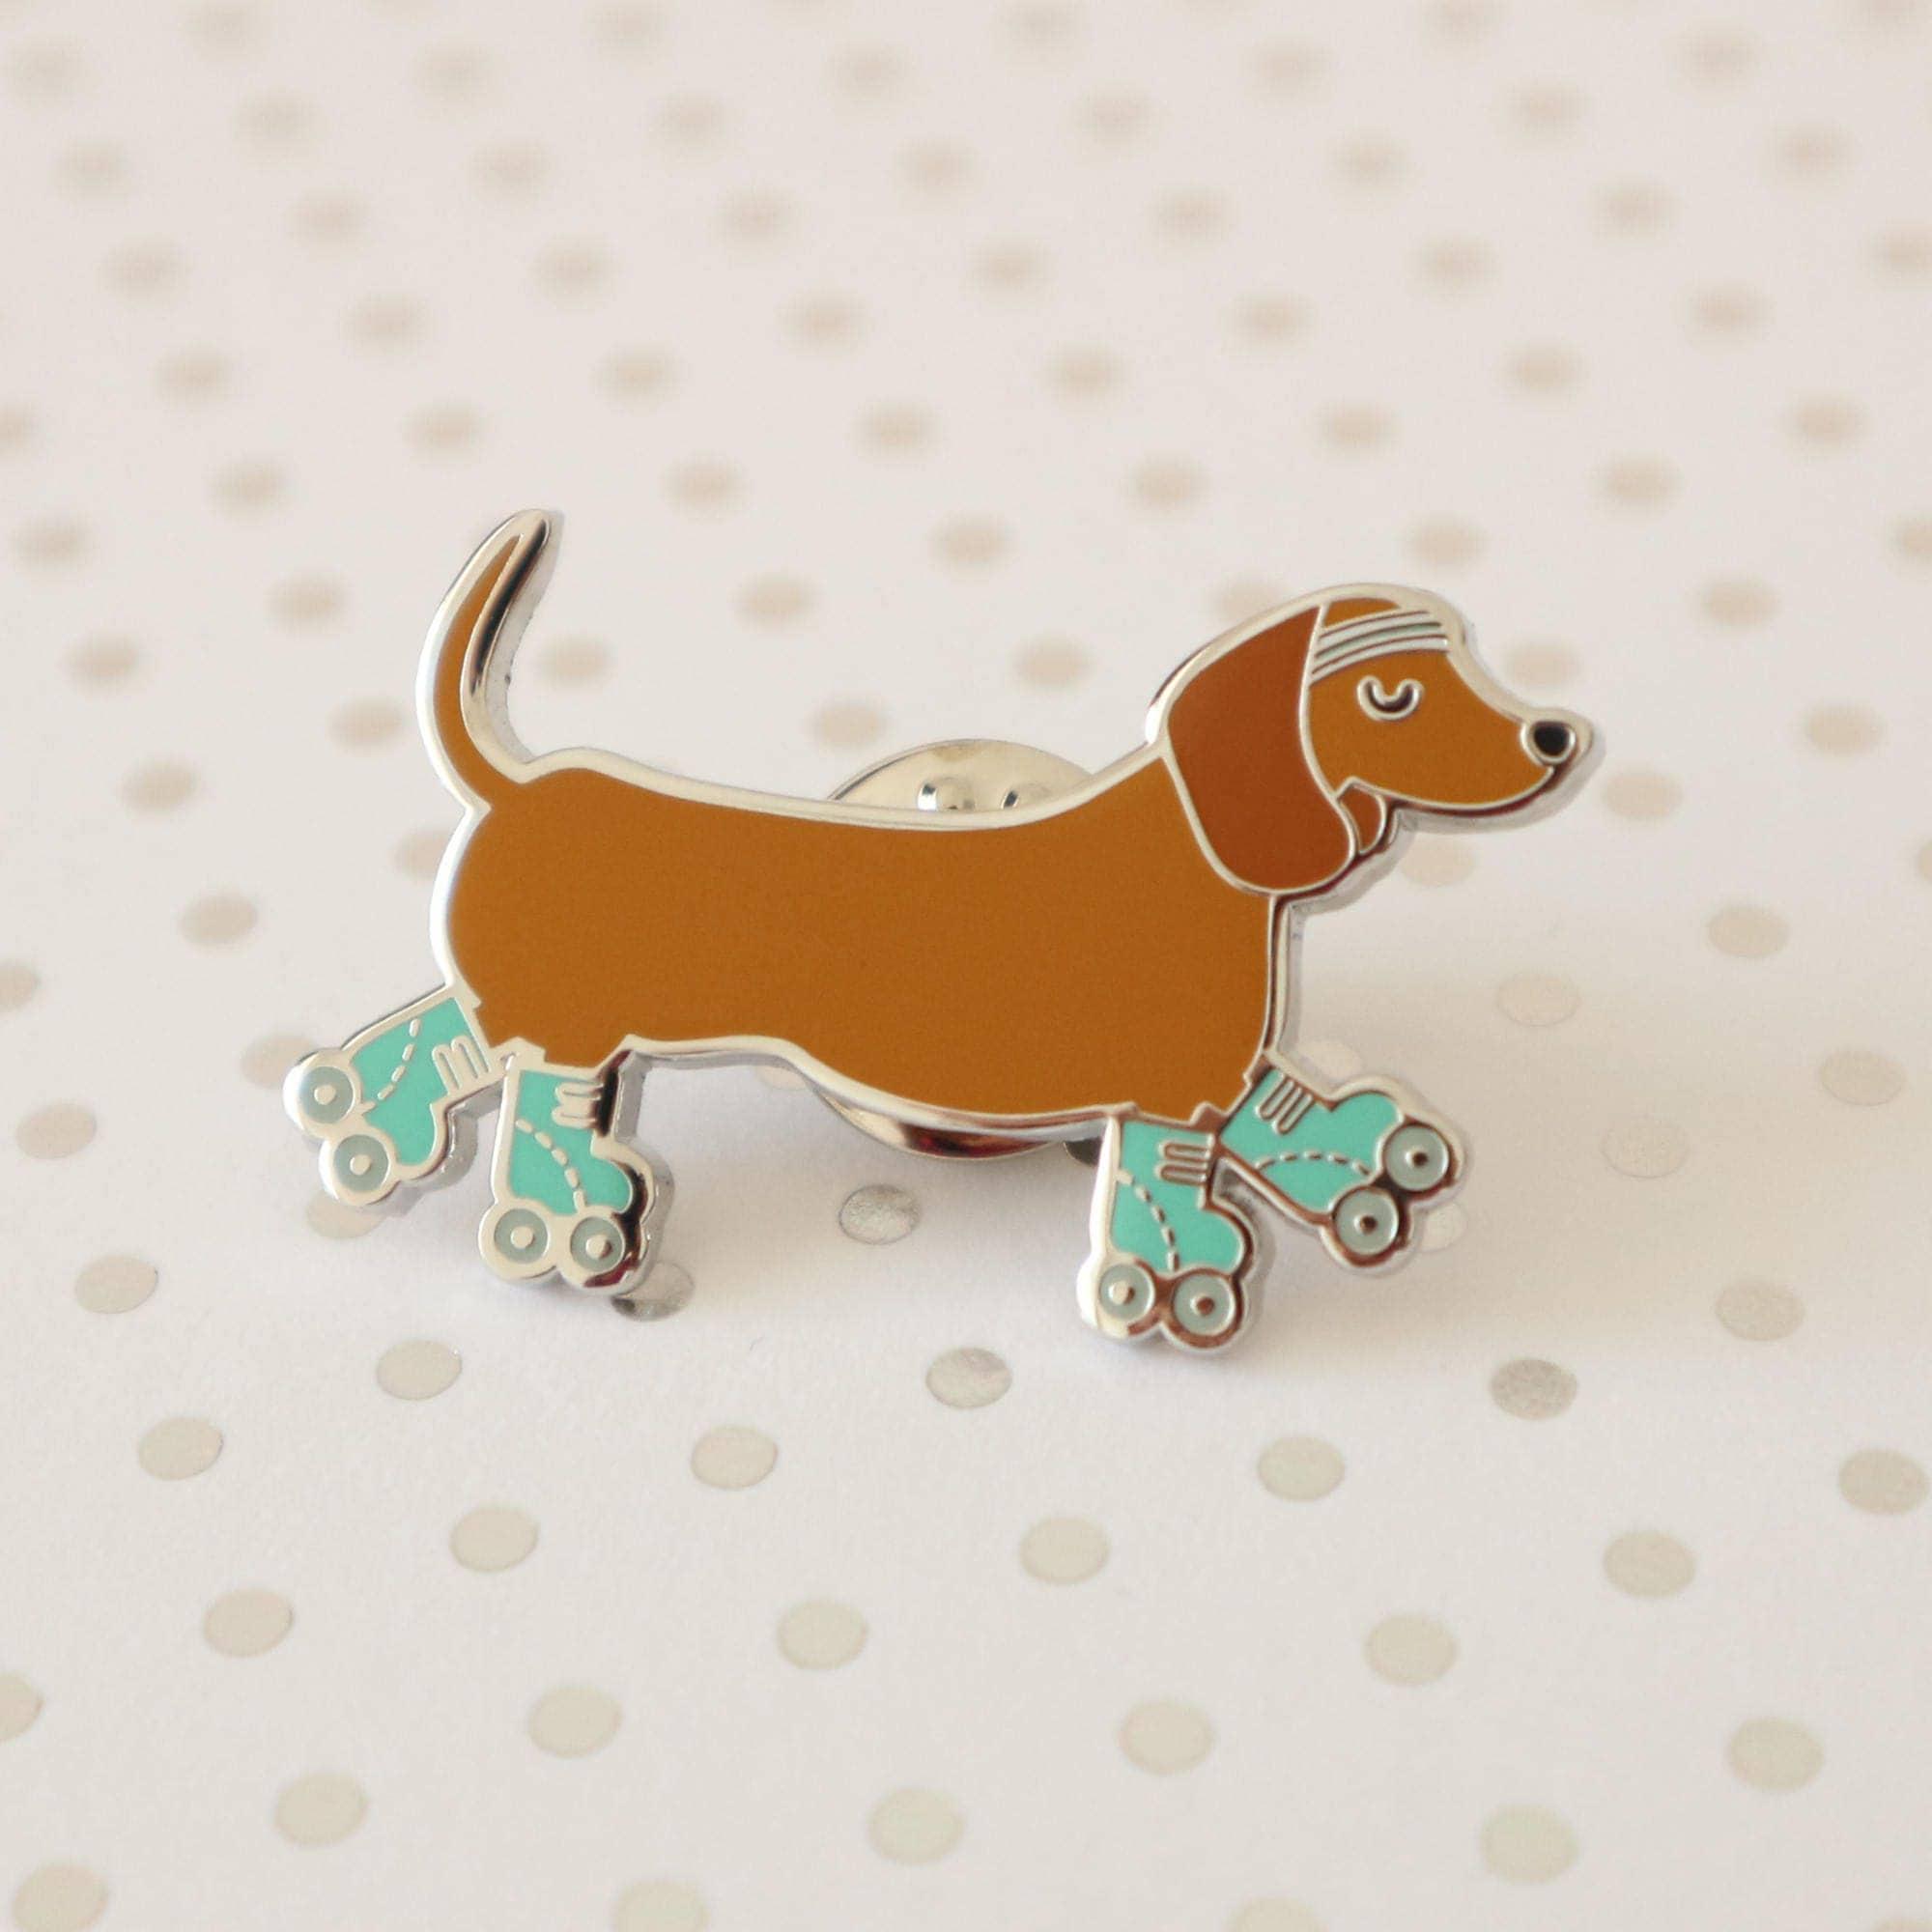 Sausage Dog  Dachshund  Dog Hard Enamel Pin Badge Flair Lapel Pin